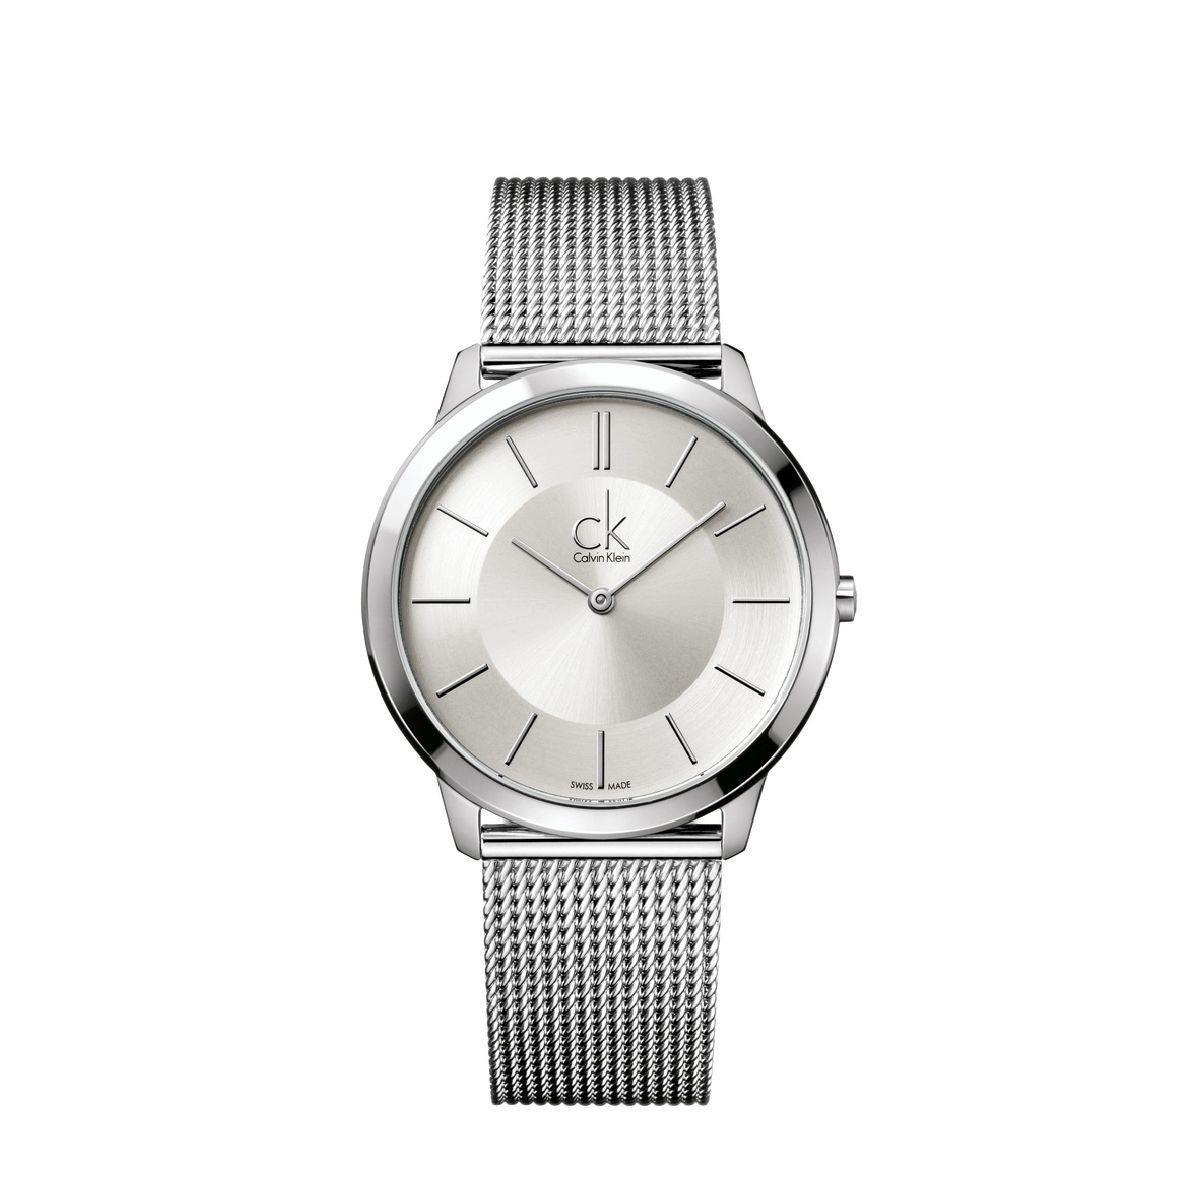 0160733d6de Relógio Feminino Calvin Klein - K3M21126 - K3M21126 - CALVIN KLEIN